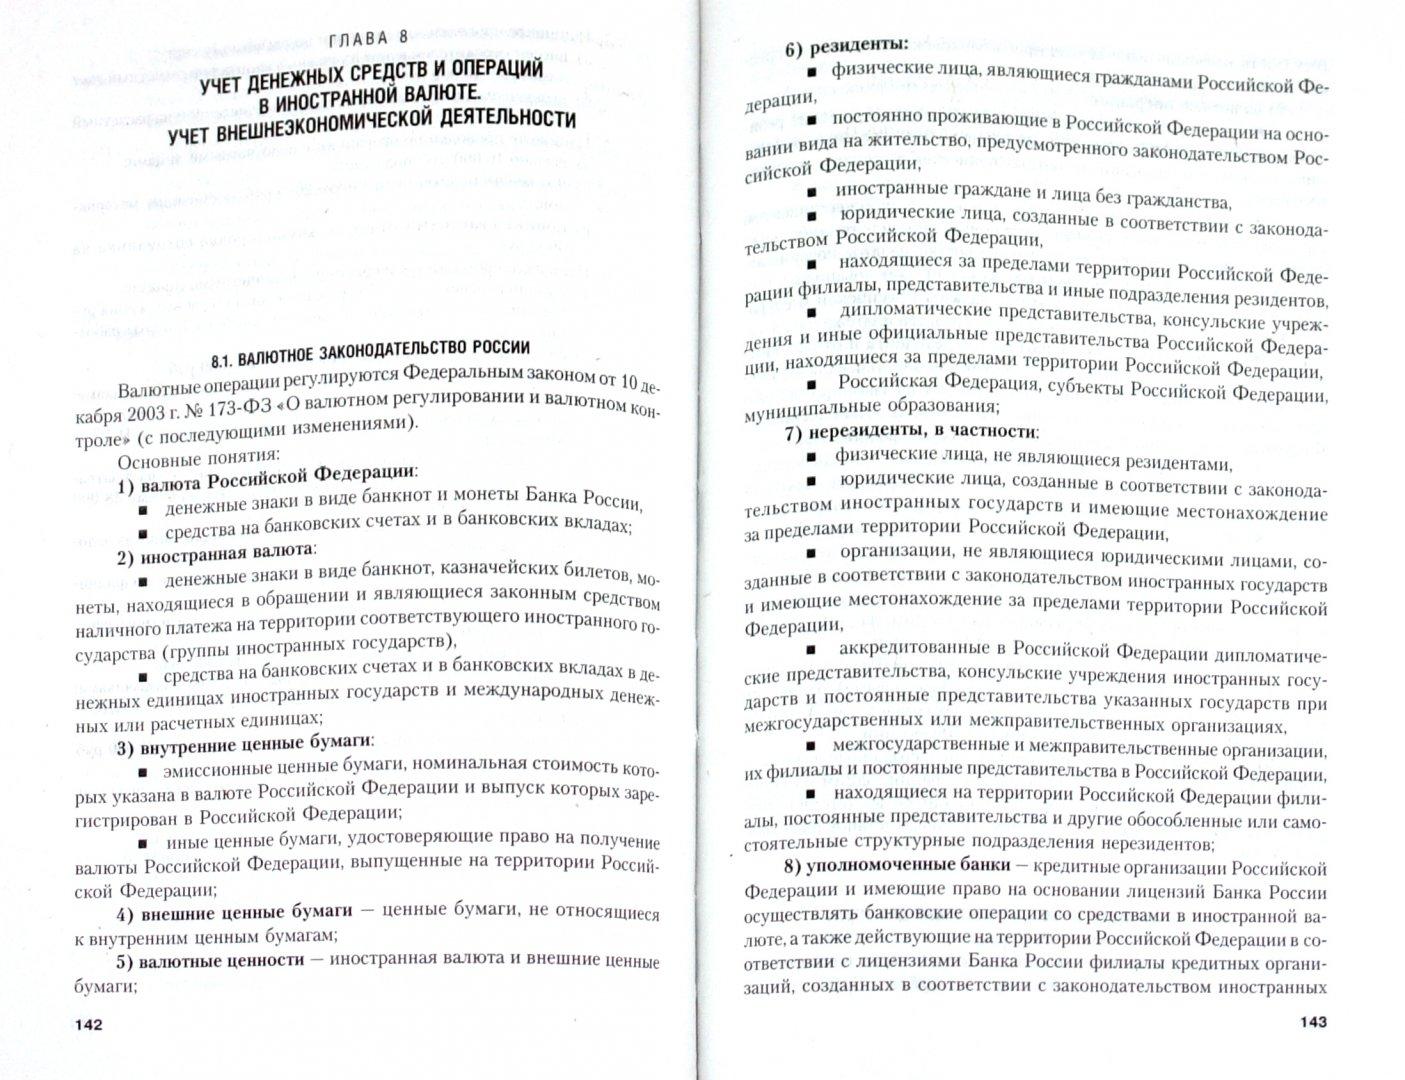 Иллюстрация 1 из 5 для Бухгалтерский финансовый учет. Учебник - Рогуленко, Пономарева, Слиняков, Бодяко   Лабиринт - книги. Источник: Лабиринт